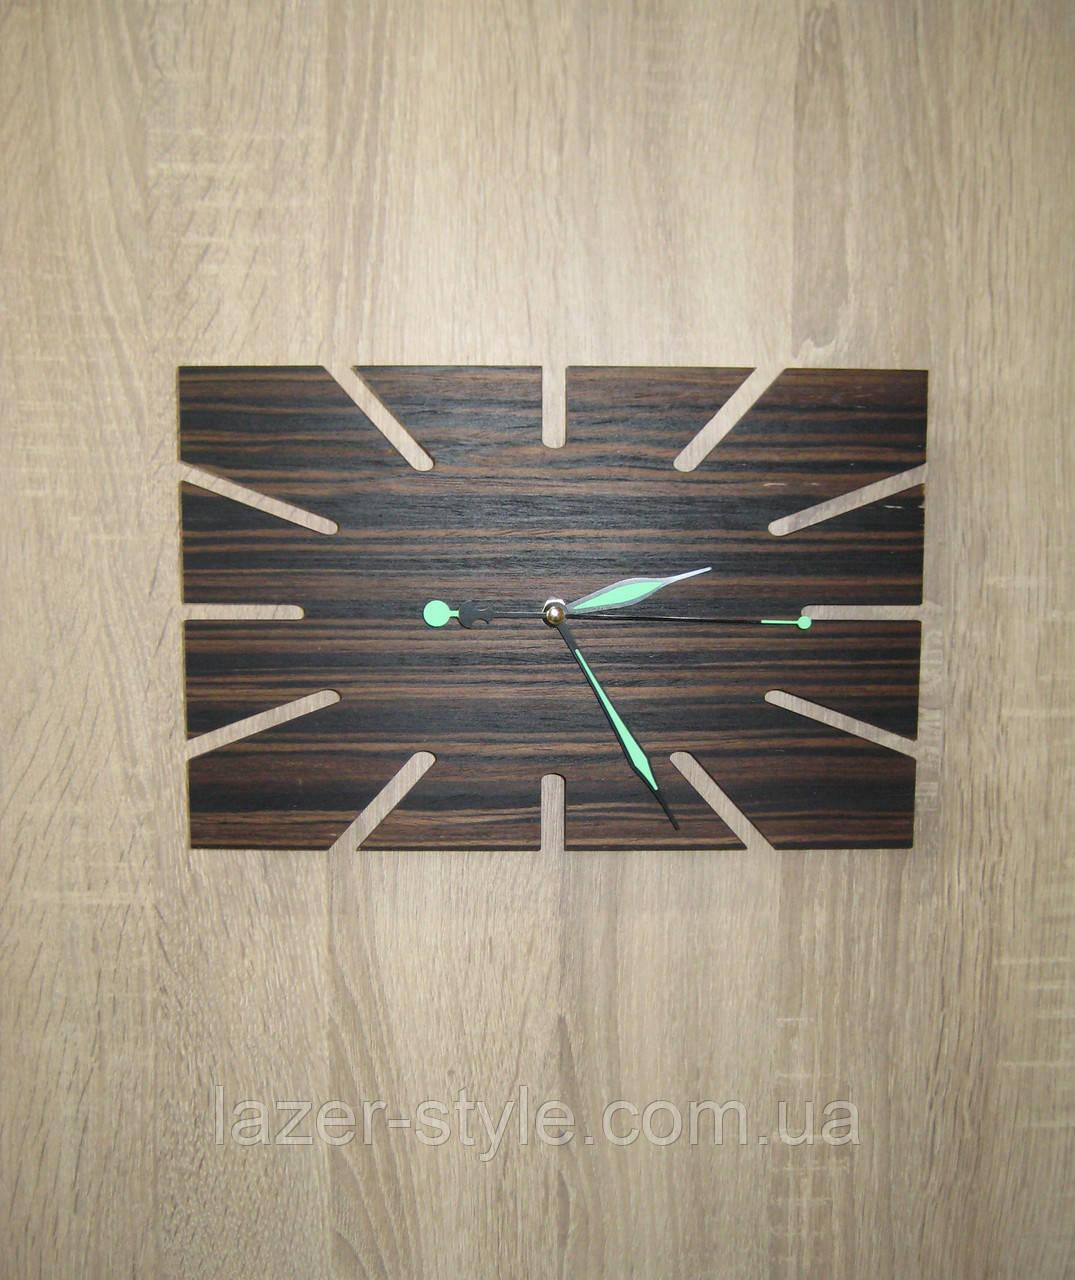 Авторские часы Прямоугольник